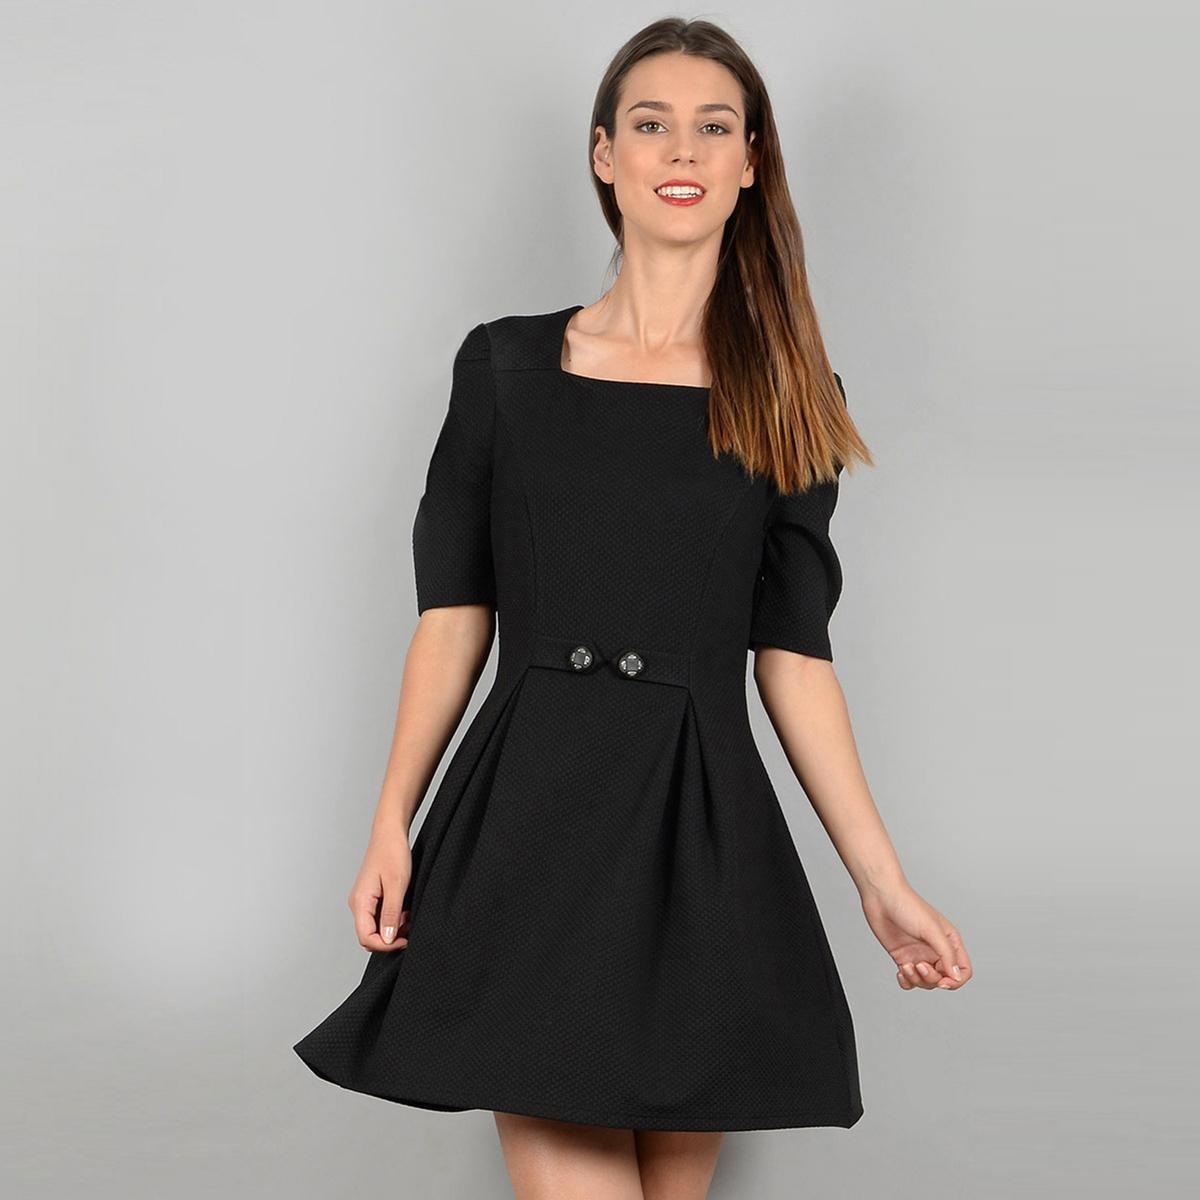 Платье короткое расклешенное однотонное, с короткими рукавами платье расклешенное с короткими рукавами